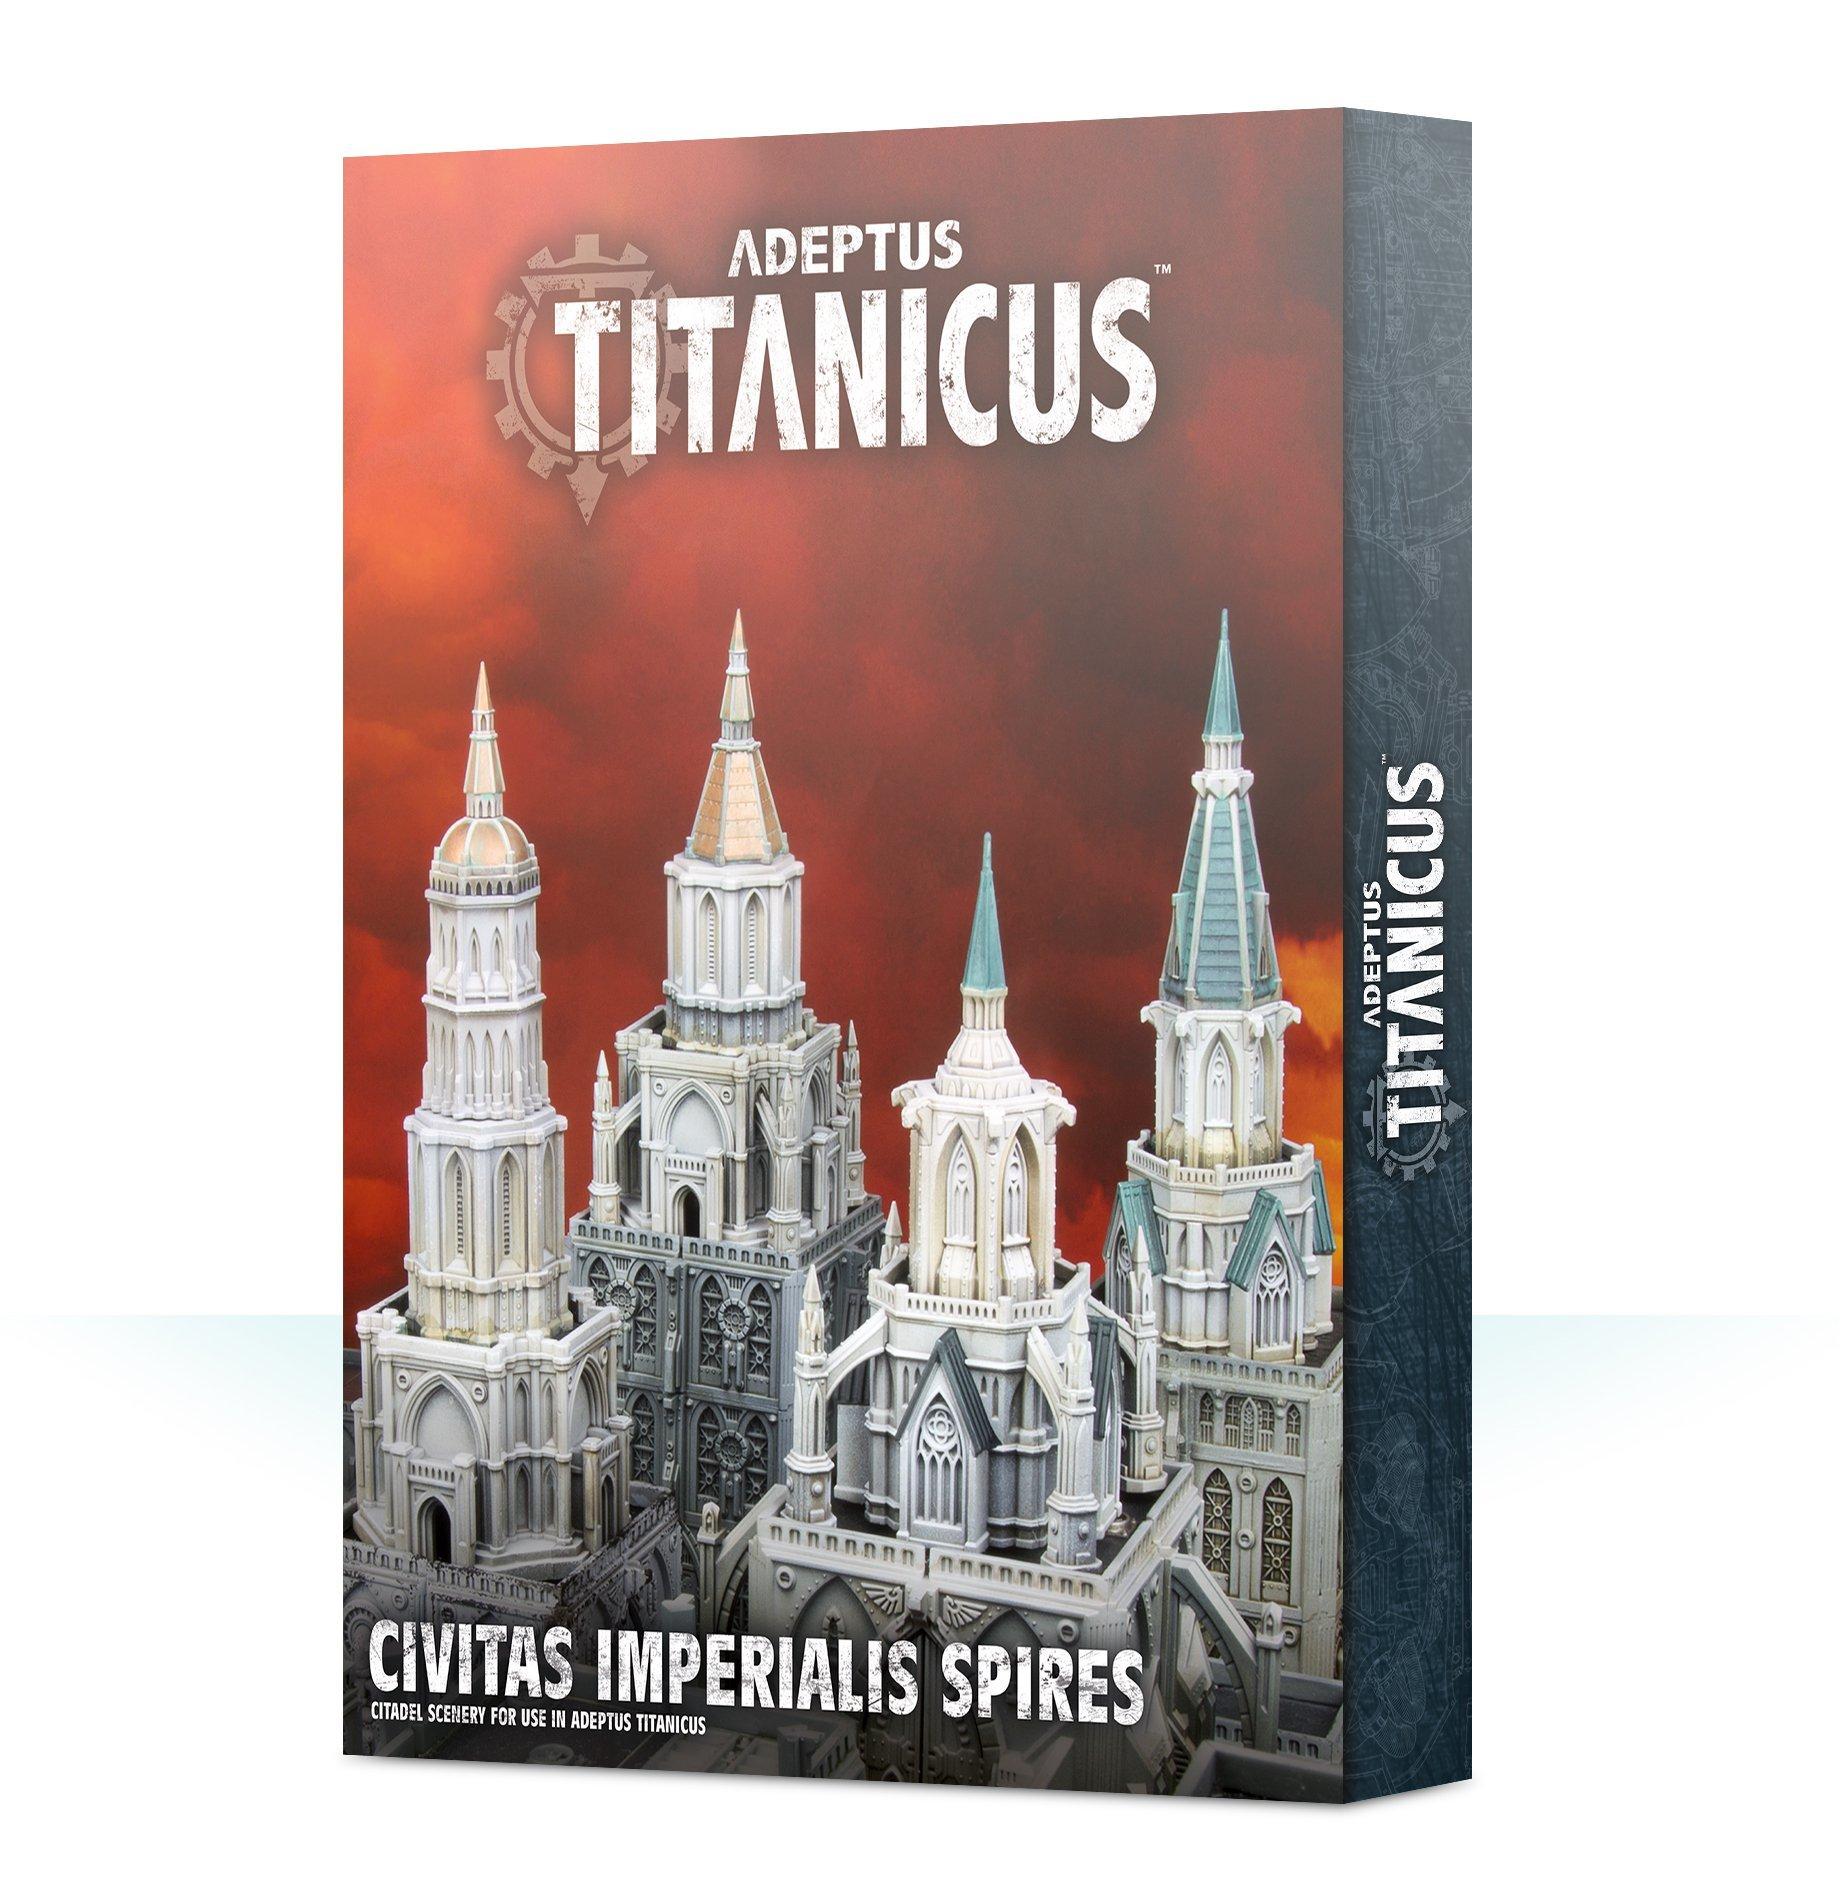 Adeptus Titanicus Civitas Imperialis Spires